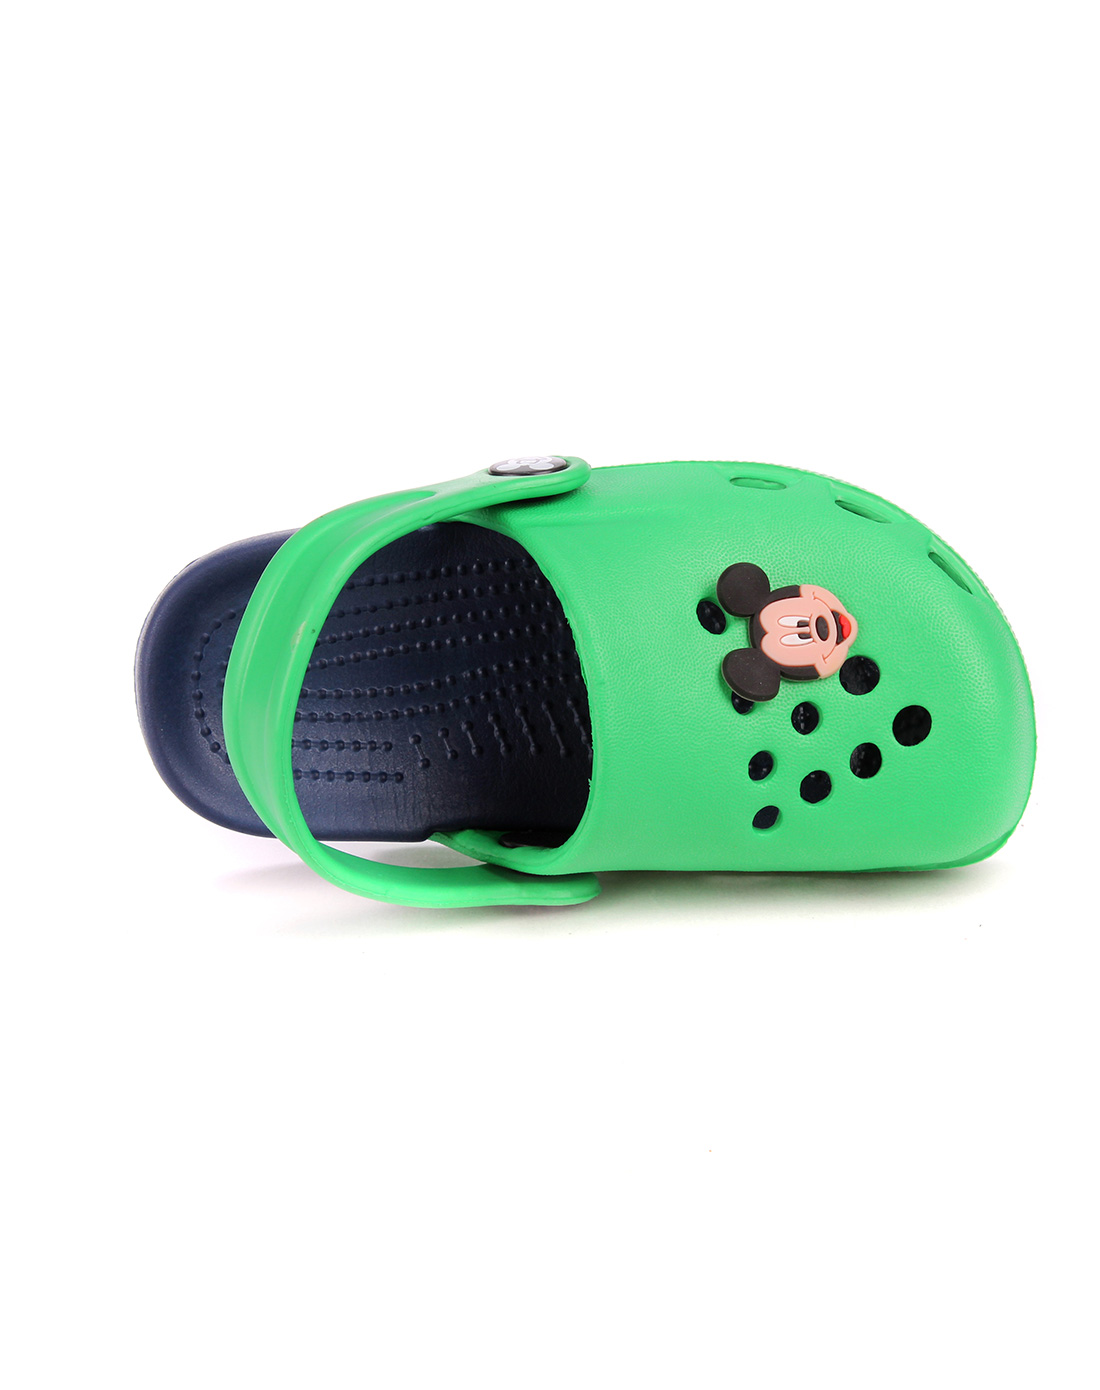 童鞋专场迪士尼 男/女小童凉拖鞋绿色yros78268n1bc3